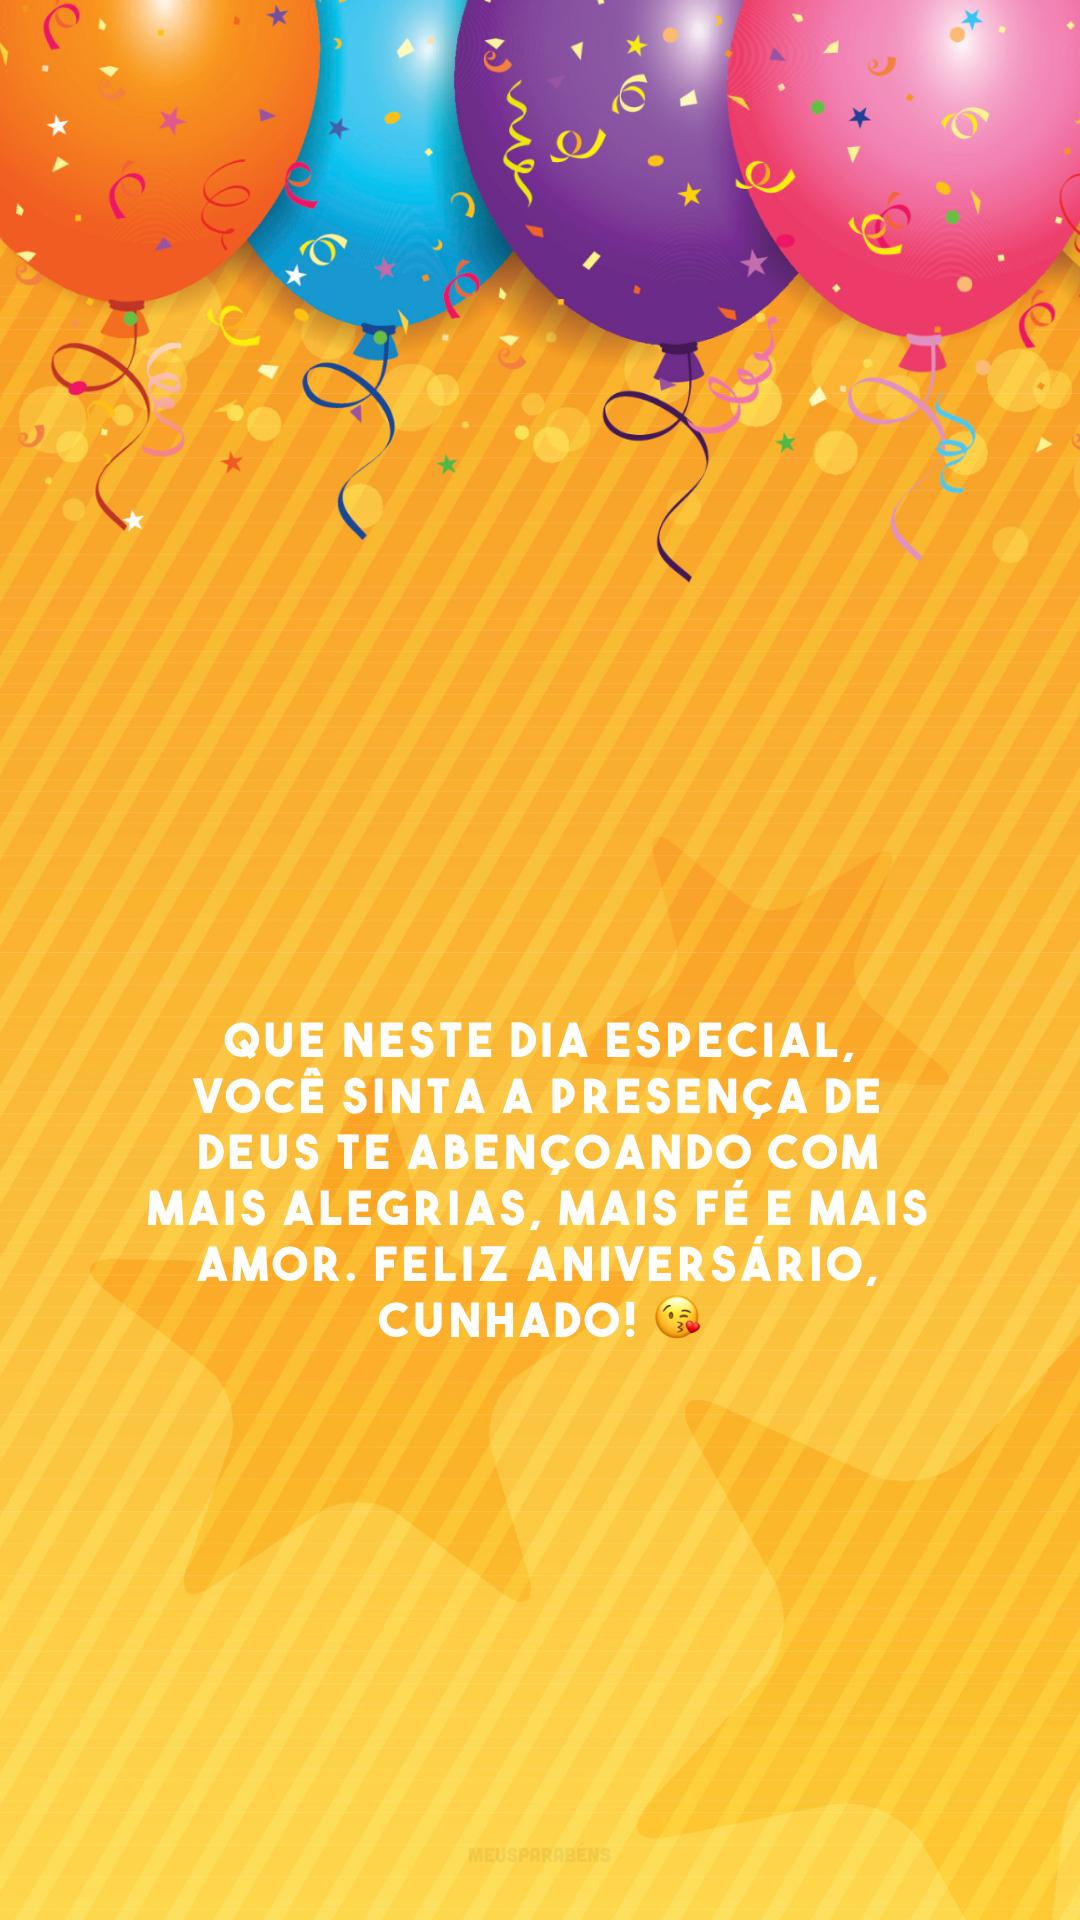 Que neste dia especial, você sinta a presença de Deus te abençoando com mais alegrias, mais fé e mais amor. Feliz aniversário, cunhado! 😘